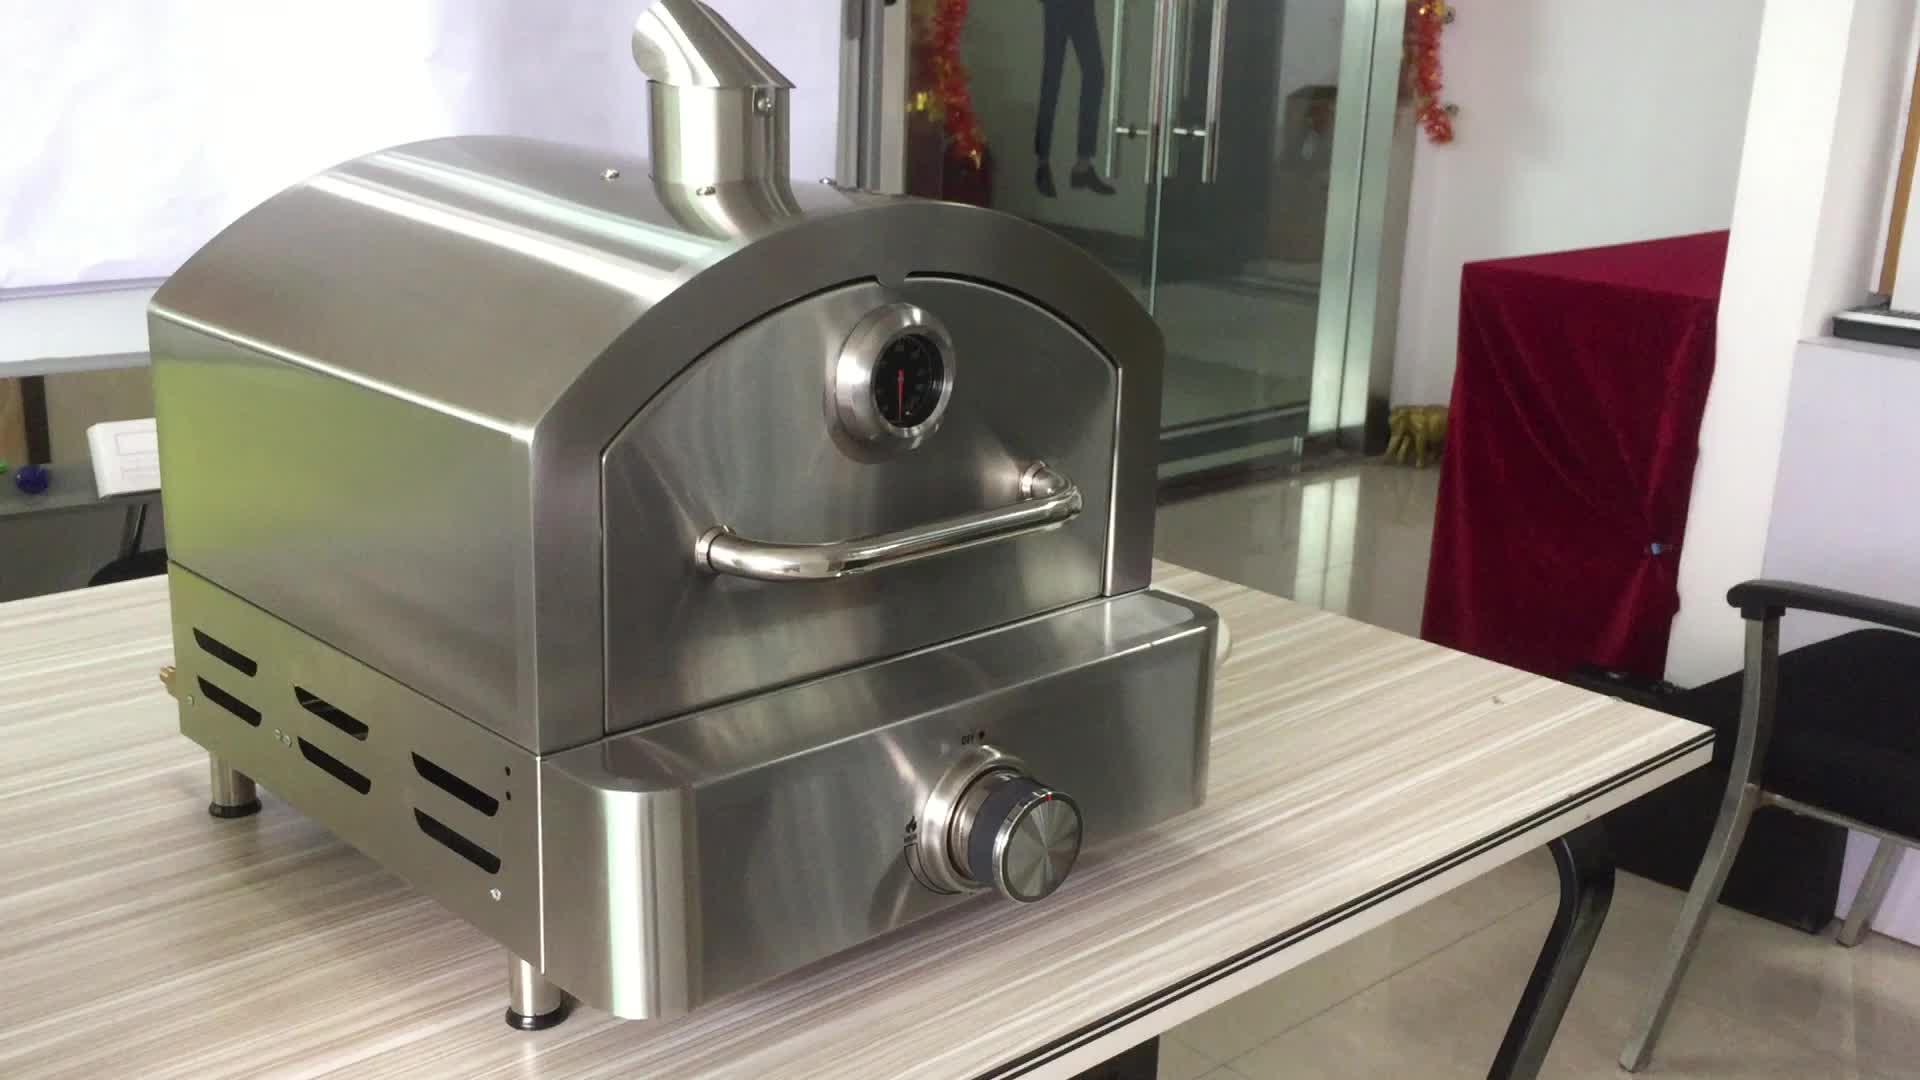 Cucina di Casa Portatile Desktop di Gas di Piccole Dimensioni in Acciaio Inox Forno per La Pizza Kit con Termometro